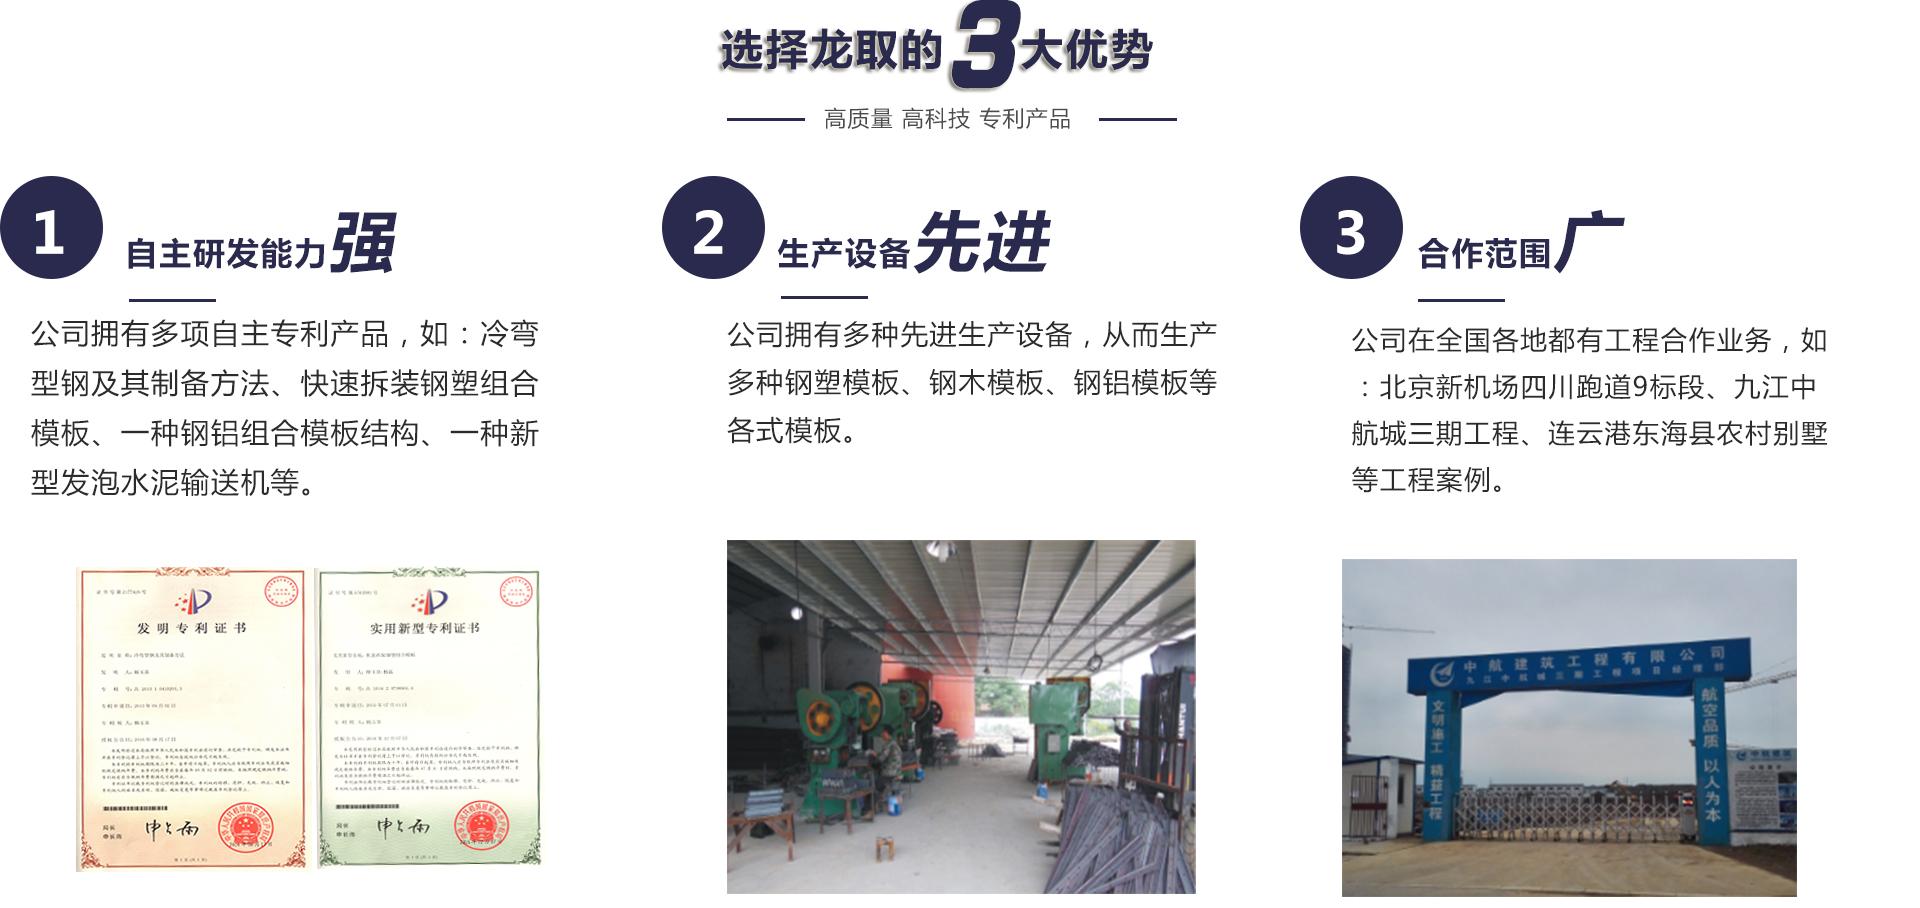 选择河南龙取机械有限公司的3大优势